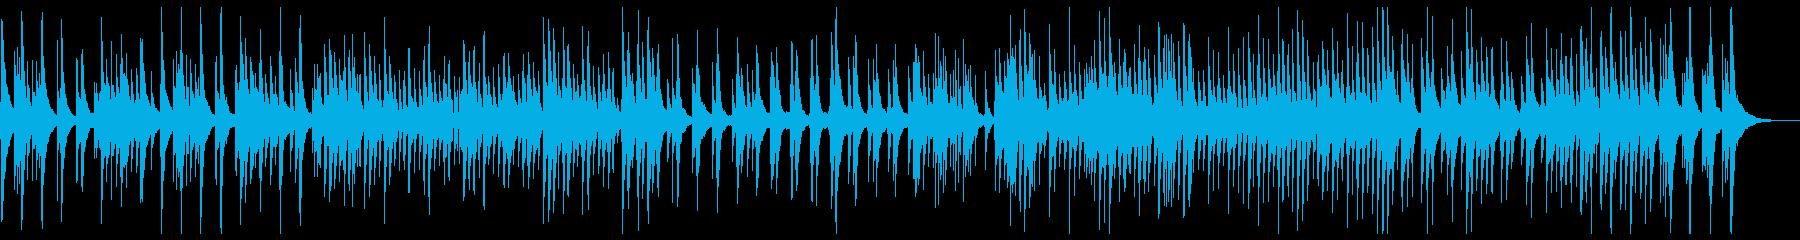 メンデルスゾーン「春の歌」ウクレレカバーの再生済みの波形